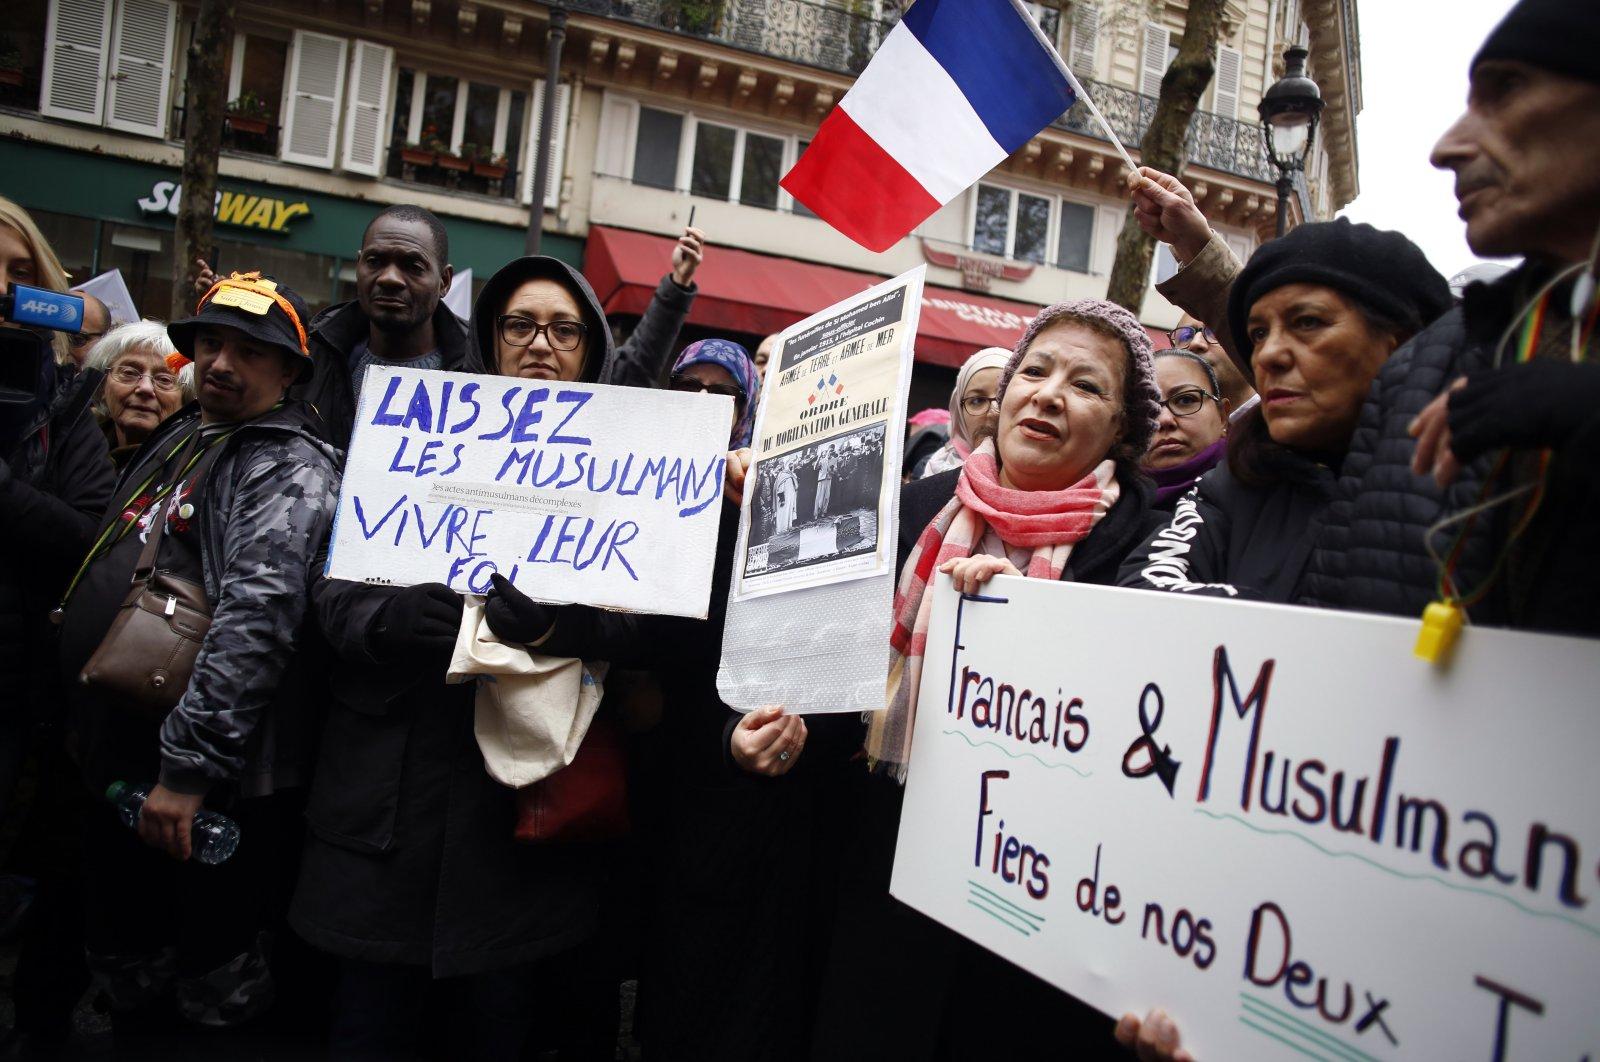 Cautand musulmani in Fran? a Locul local de intalnire RDV